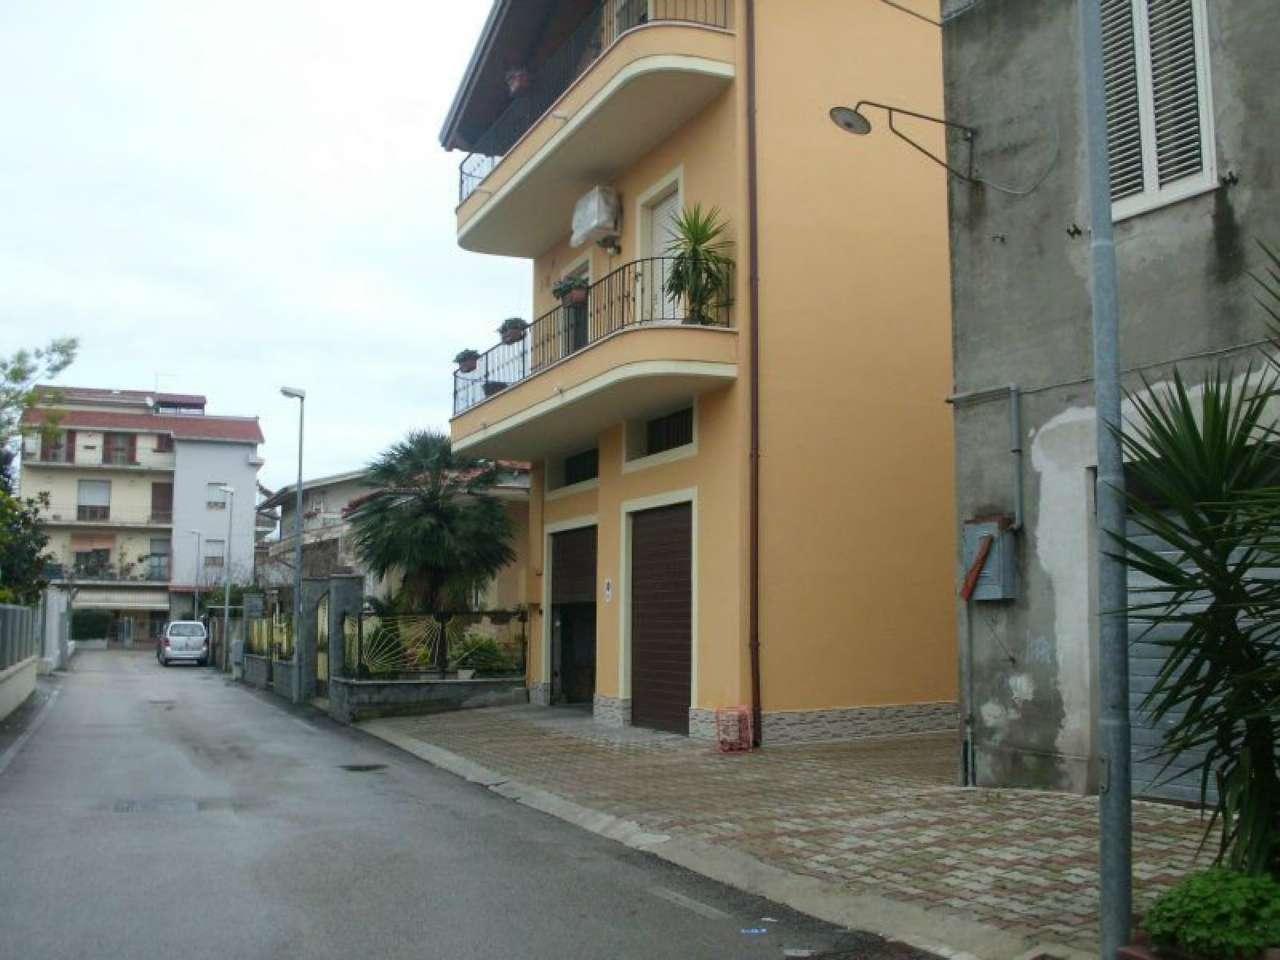 Magazzino in vendita a Montesilvano, 1 locali, prezzo € 40.000 | Cambio Casa.it